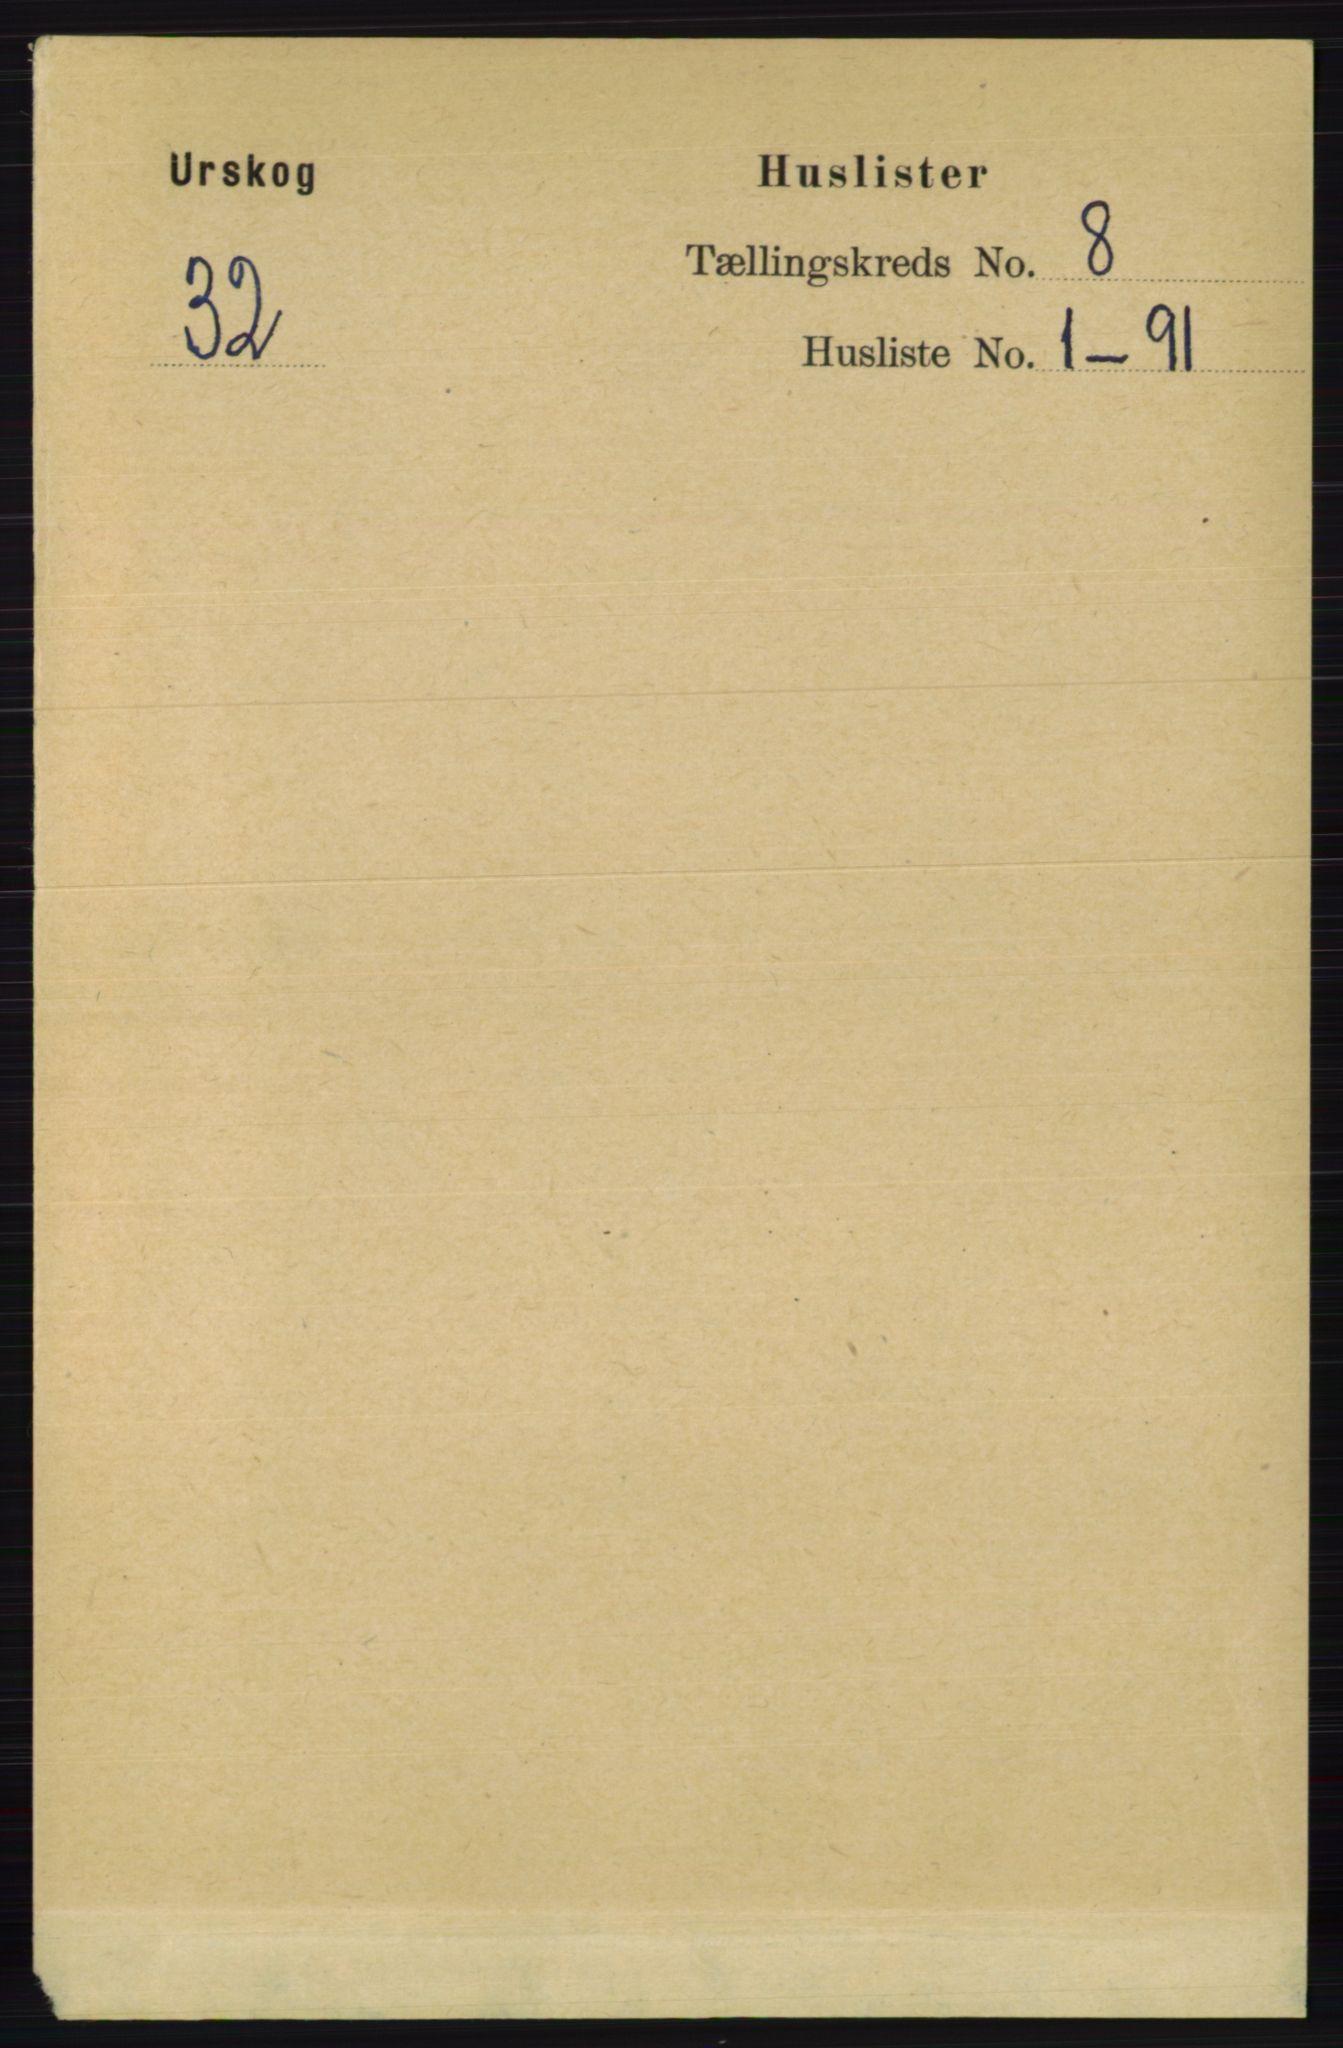 RA, Folketelling 1891 for 0224 Aurskog herred, 1891, s. 3790